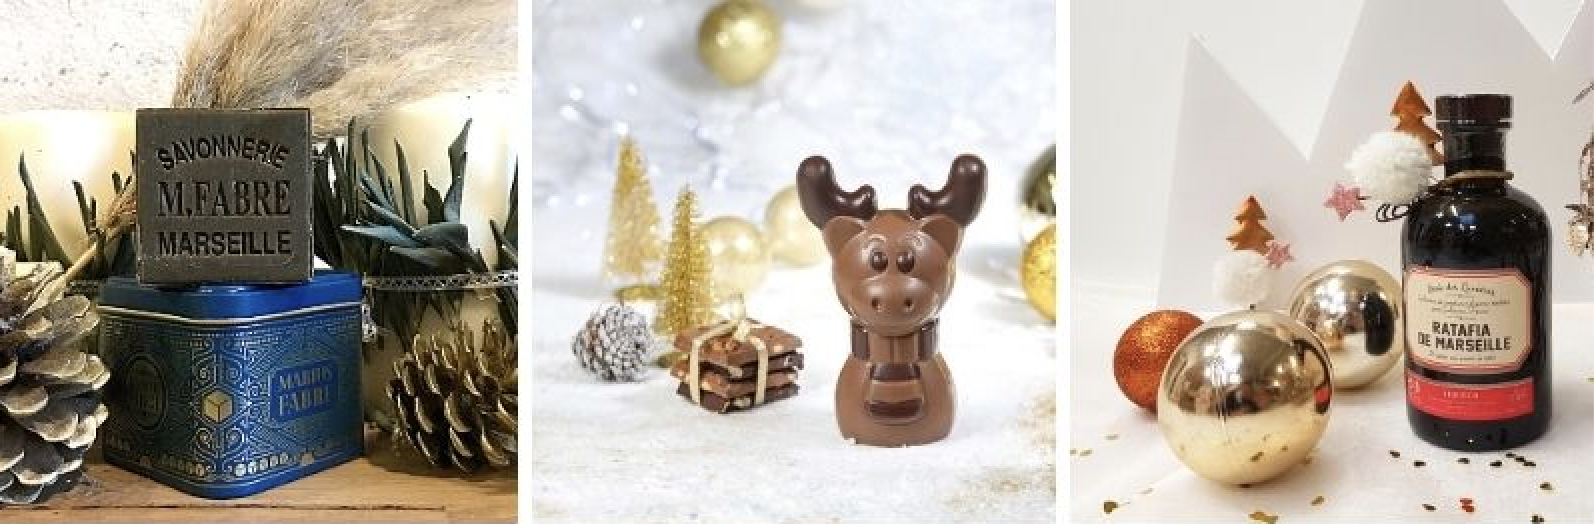 Les Commerces de la Bastide-Chocolaterie de Puyricard-calendrier-avent-puyricard-insta-vignette 3